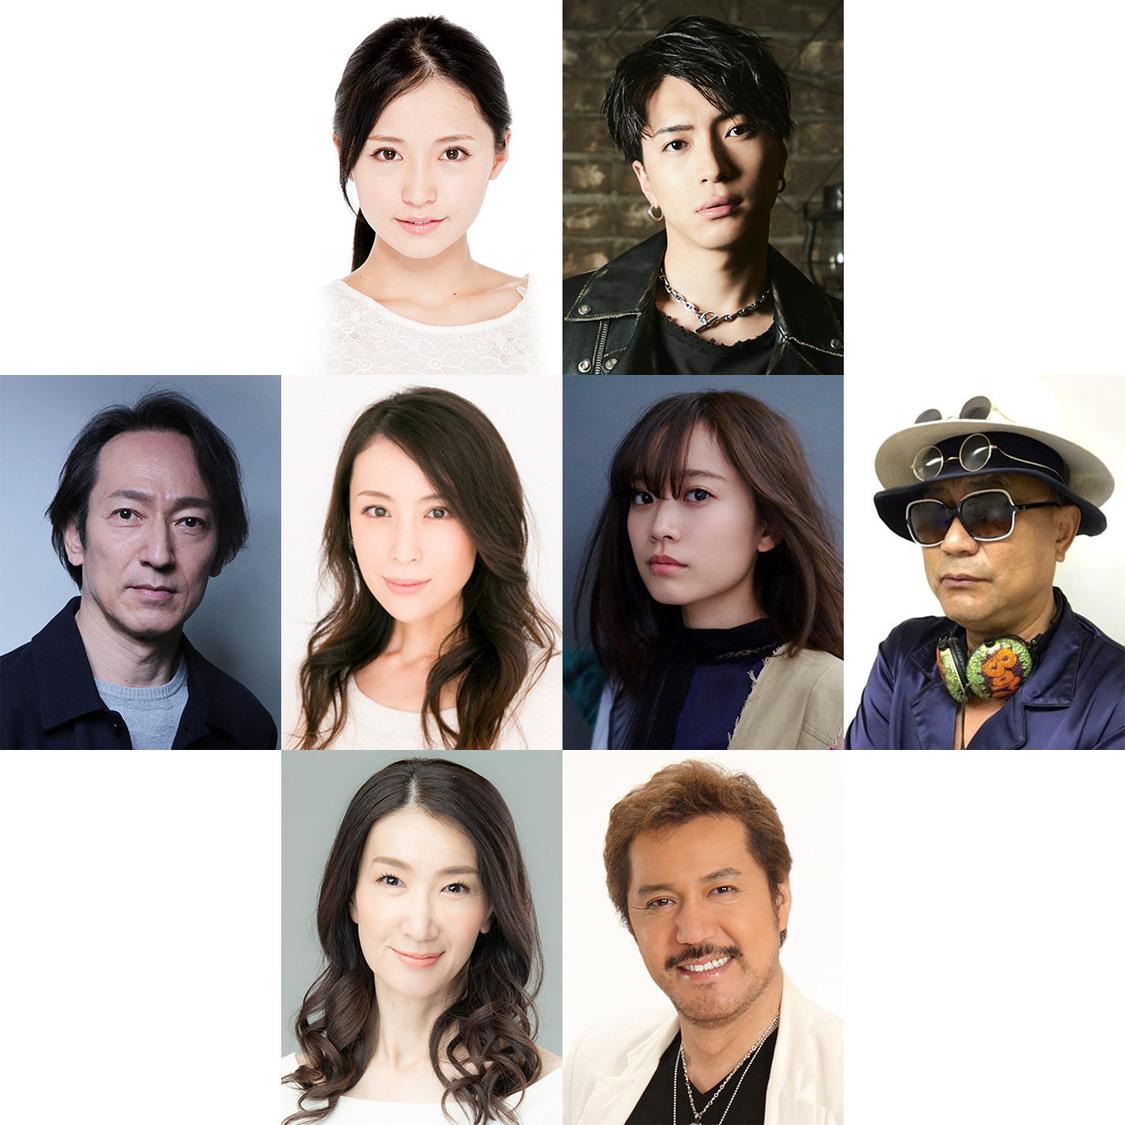 林愛夏、増田貴久主演ミュージカル<ハウ・トゥー・サクシード>出演決定「お客さまに元気と感動をお届けできるよう頑張ります」